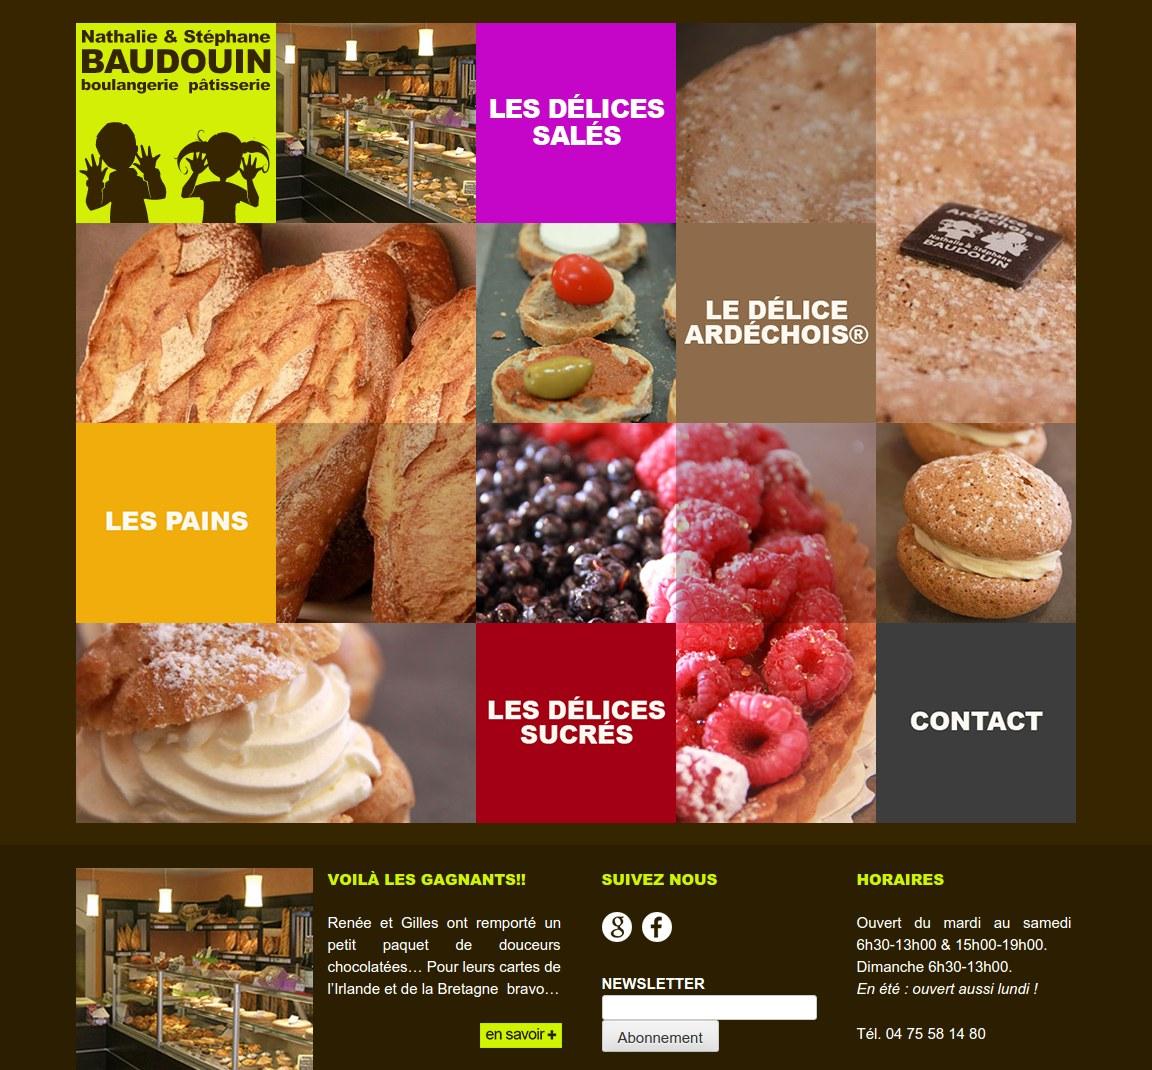 Boulangerie Baudouin